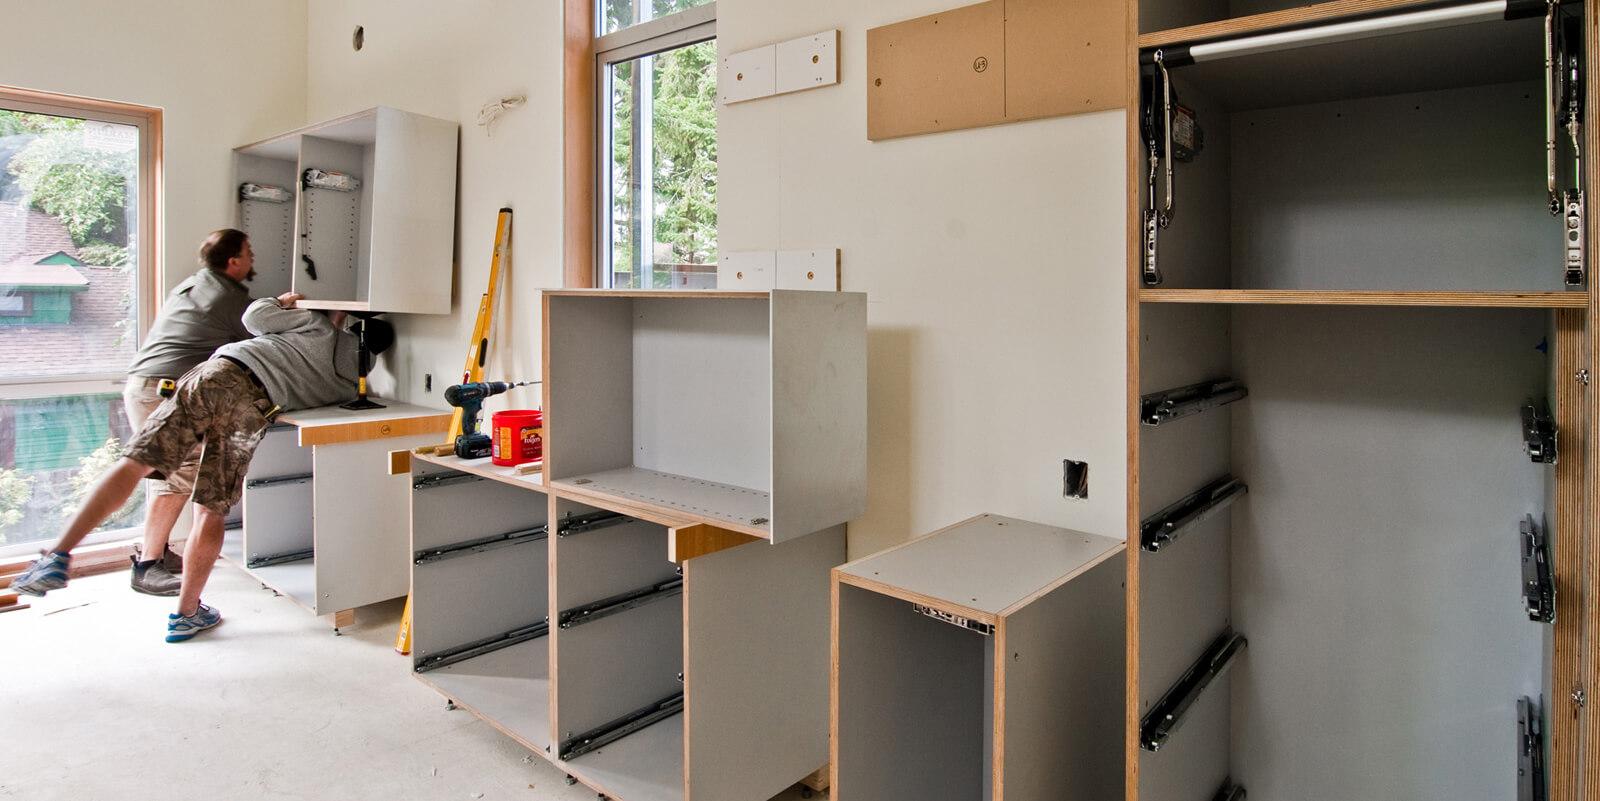 Virtuves iekārtas montāža un uzstādīšana